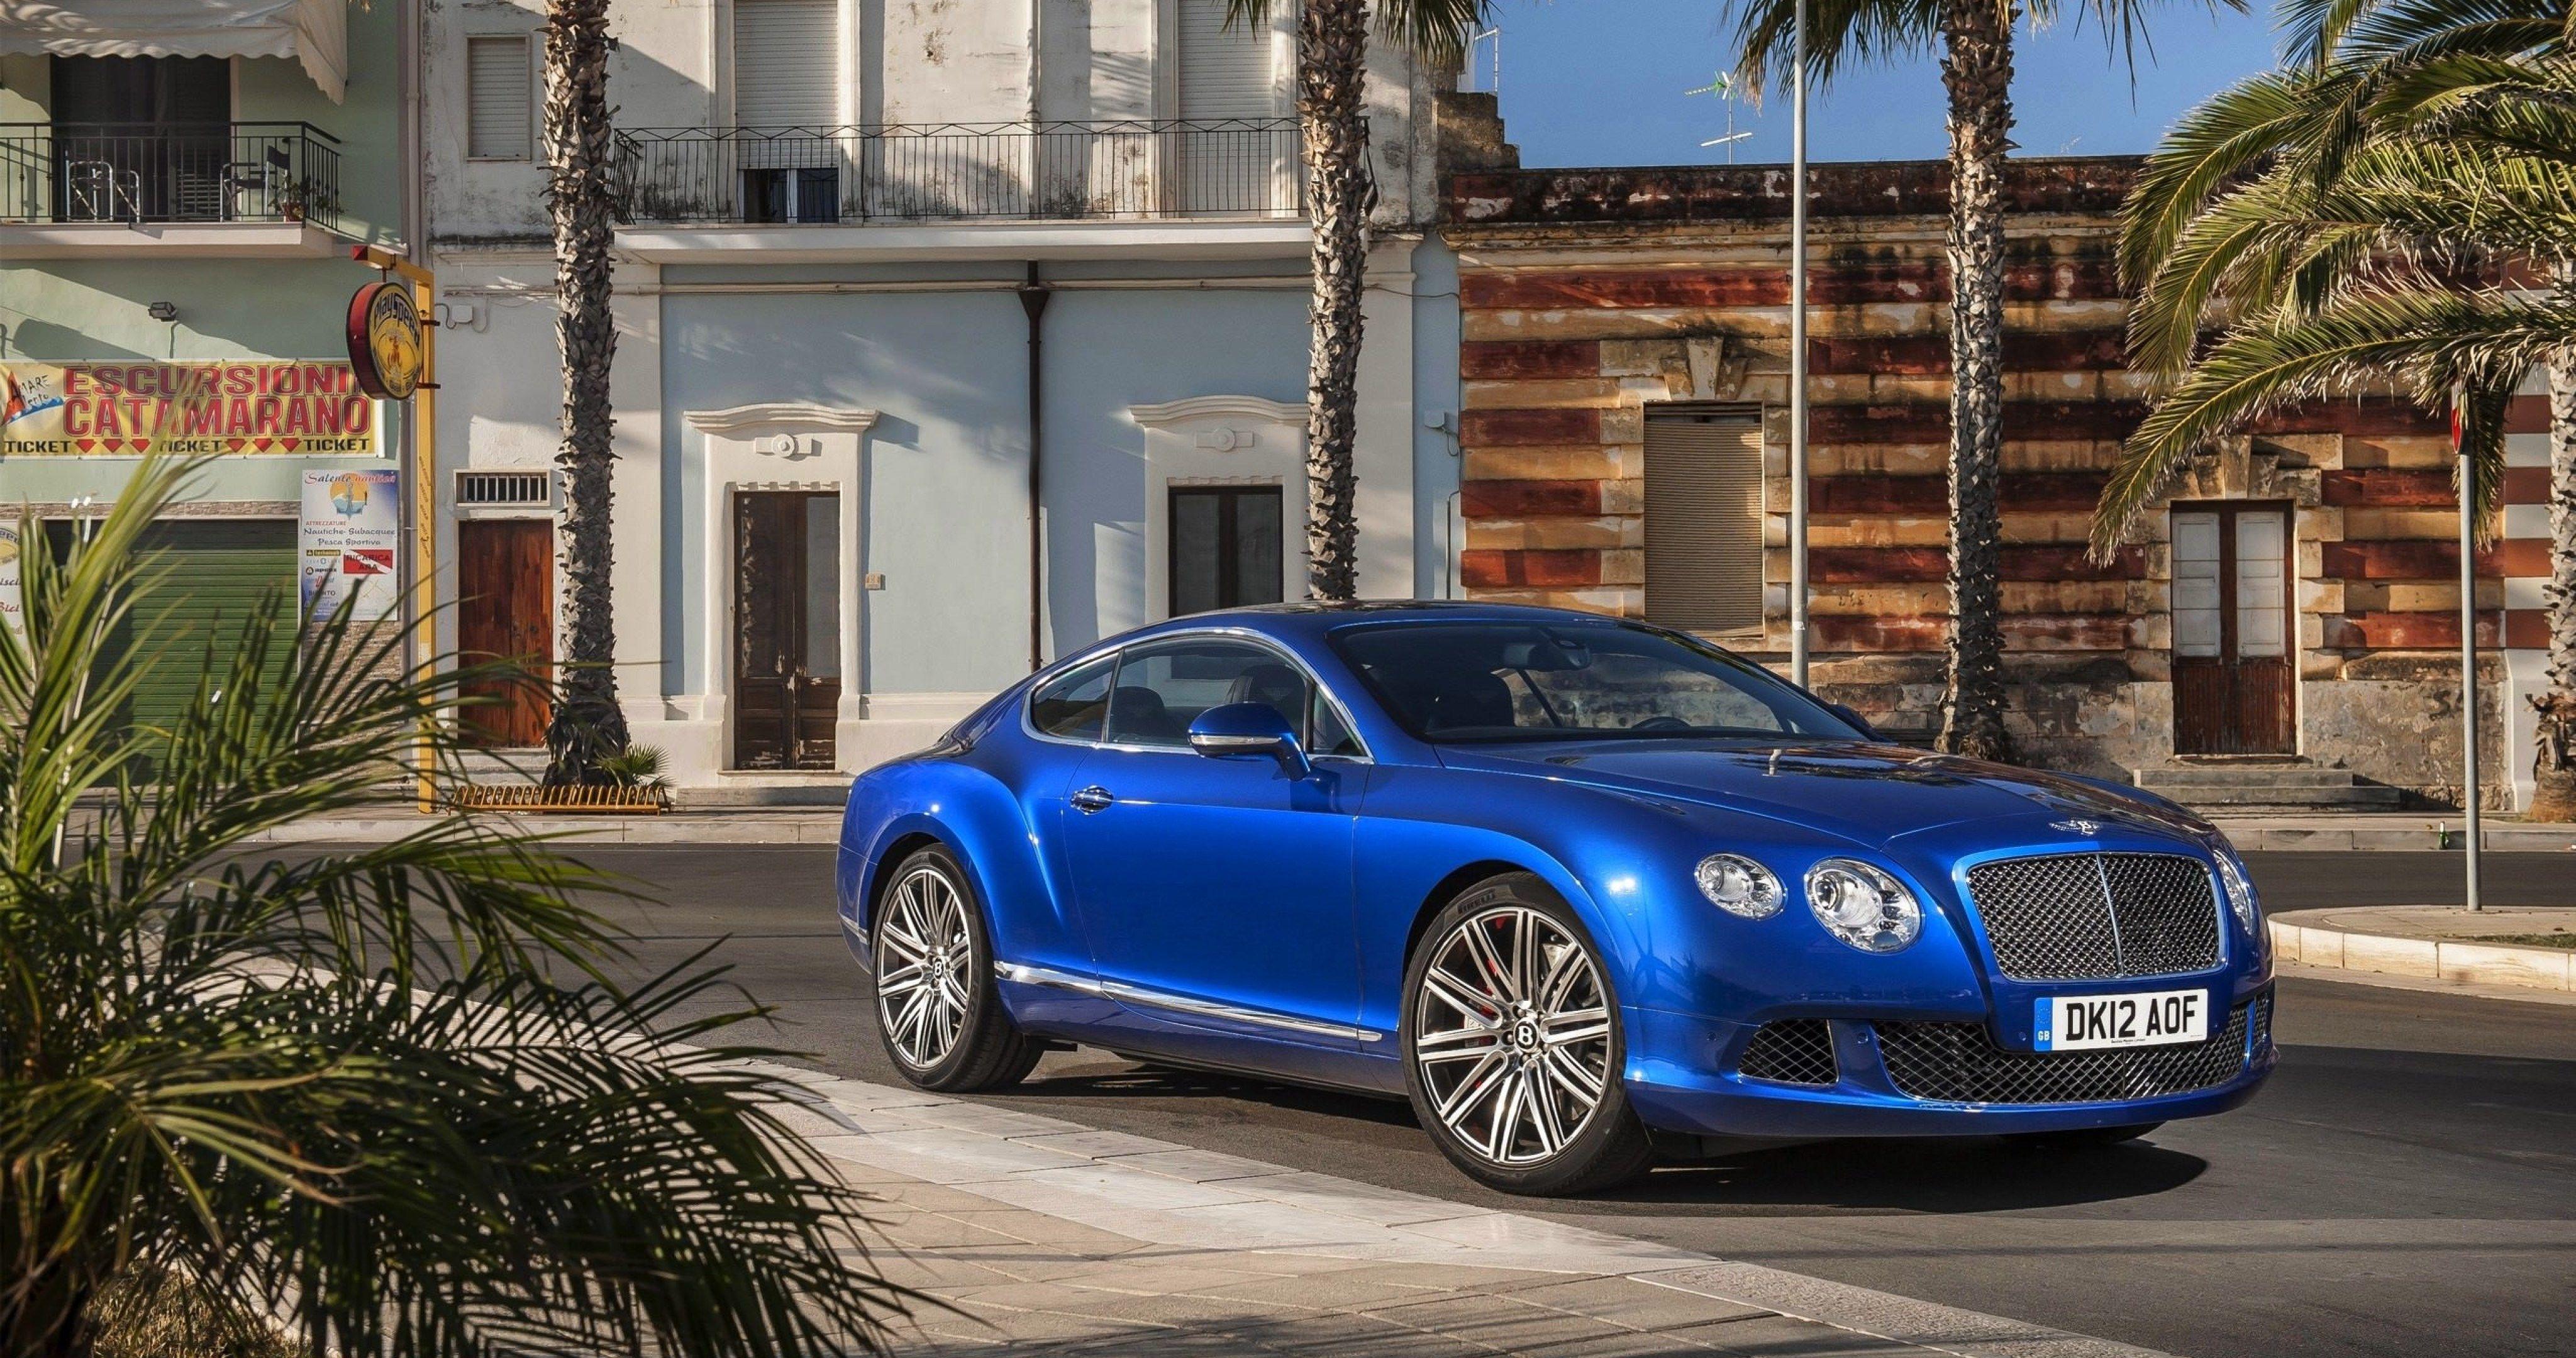 Imagenes De Autos Ultra Hd: Bentley Continental Gt Wallpaper 4k Ultra Hd Wallpaper